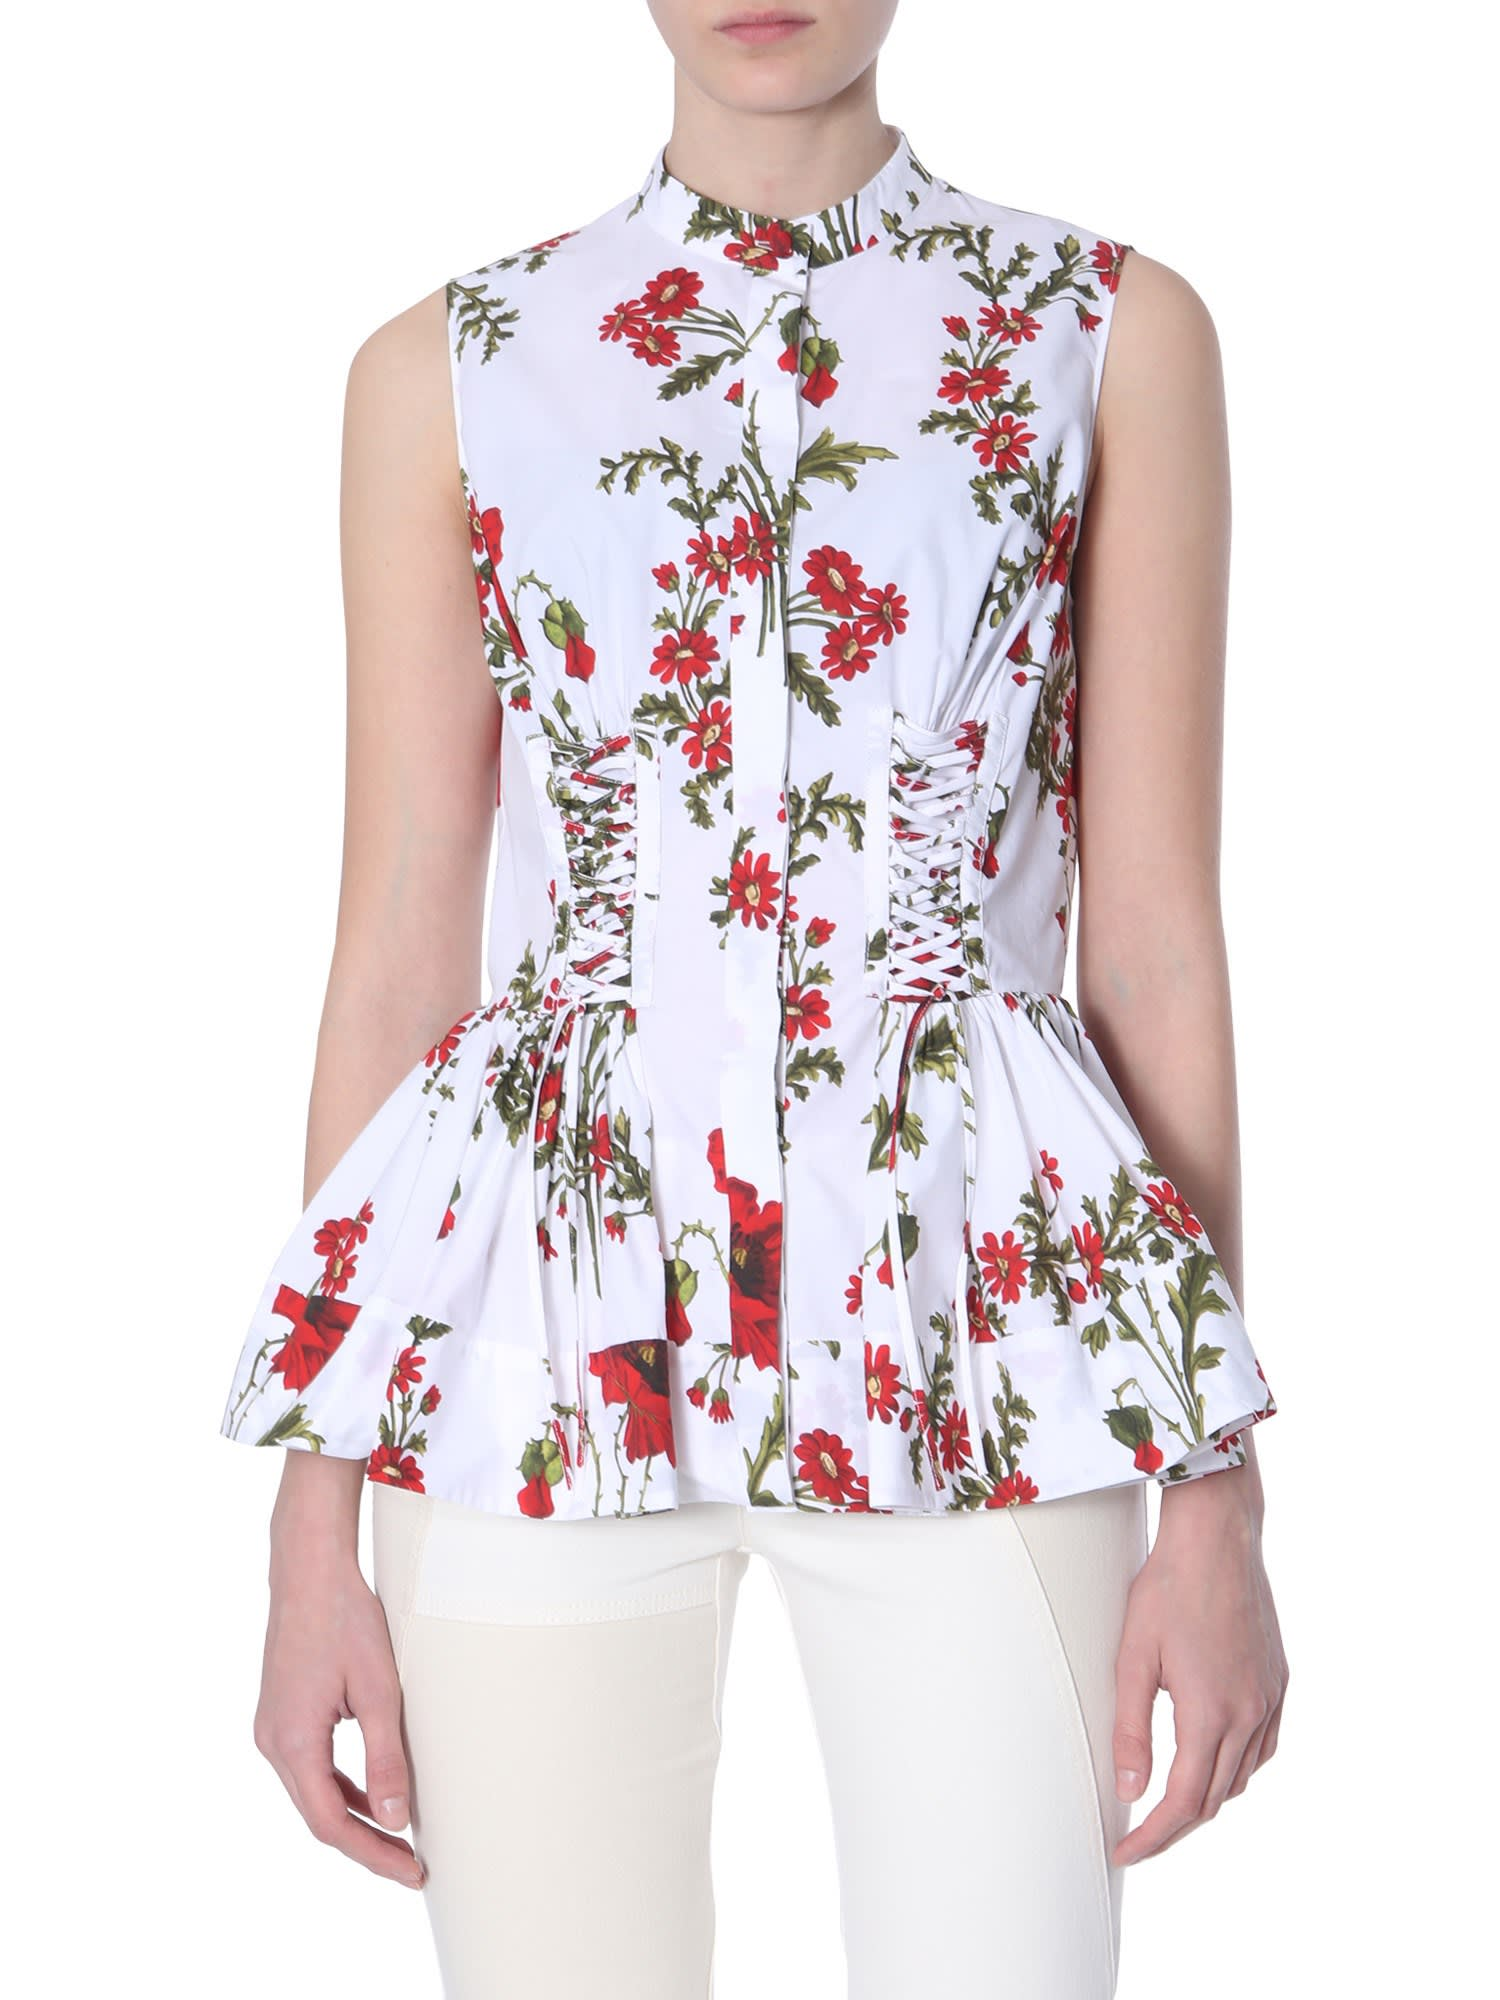 Alexander McQueen Poppy Field Print Shirt